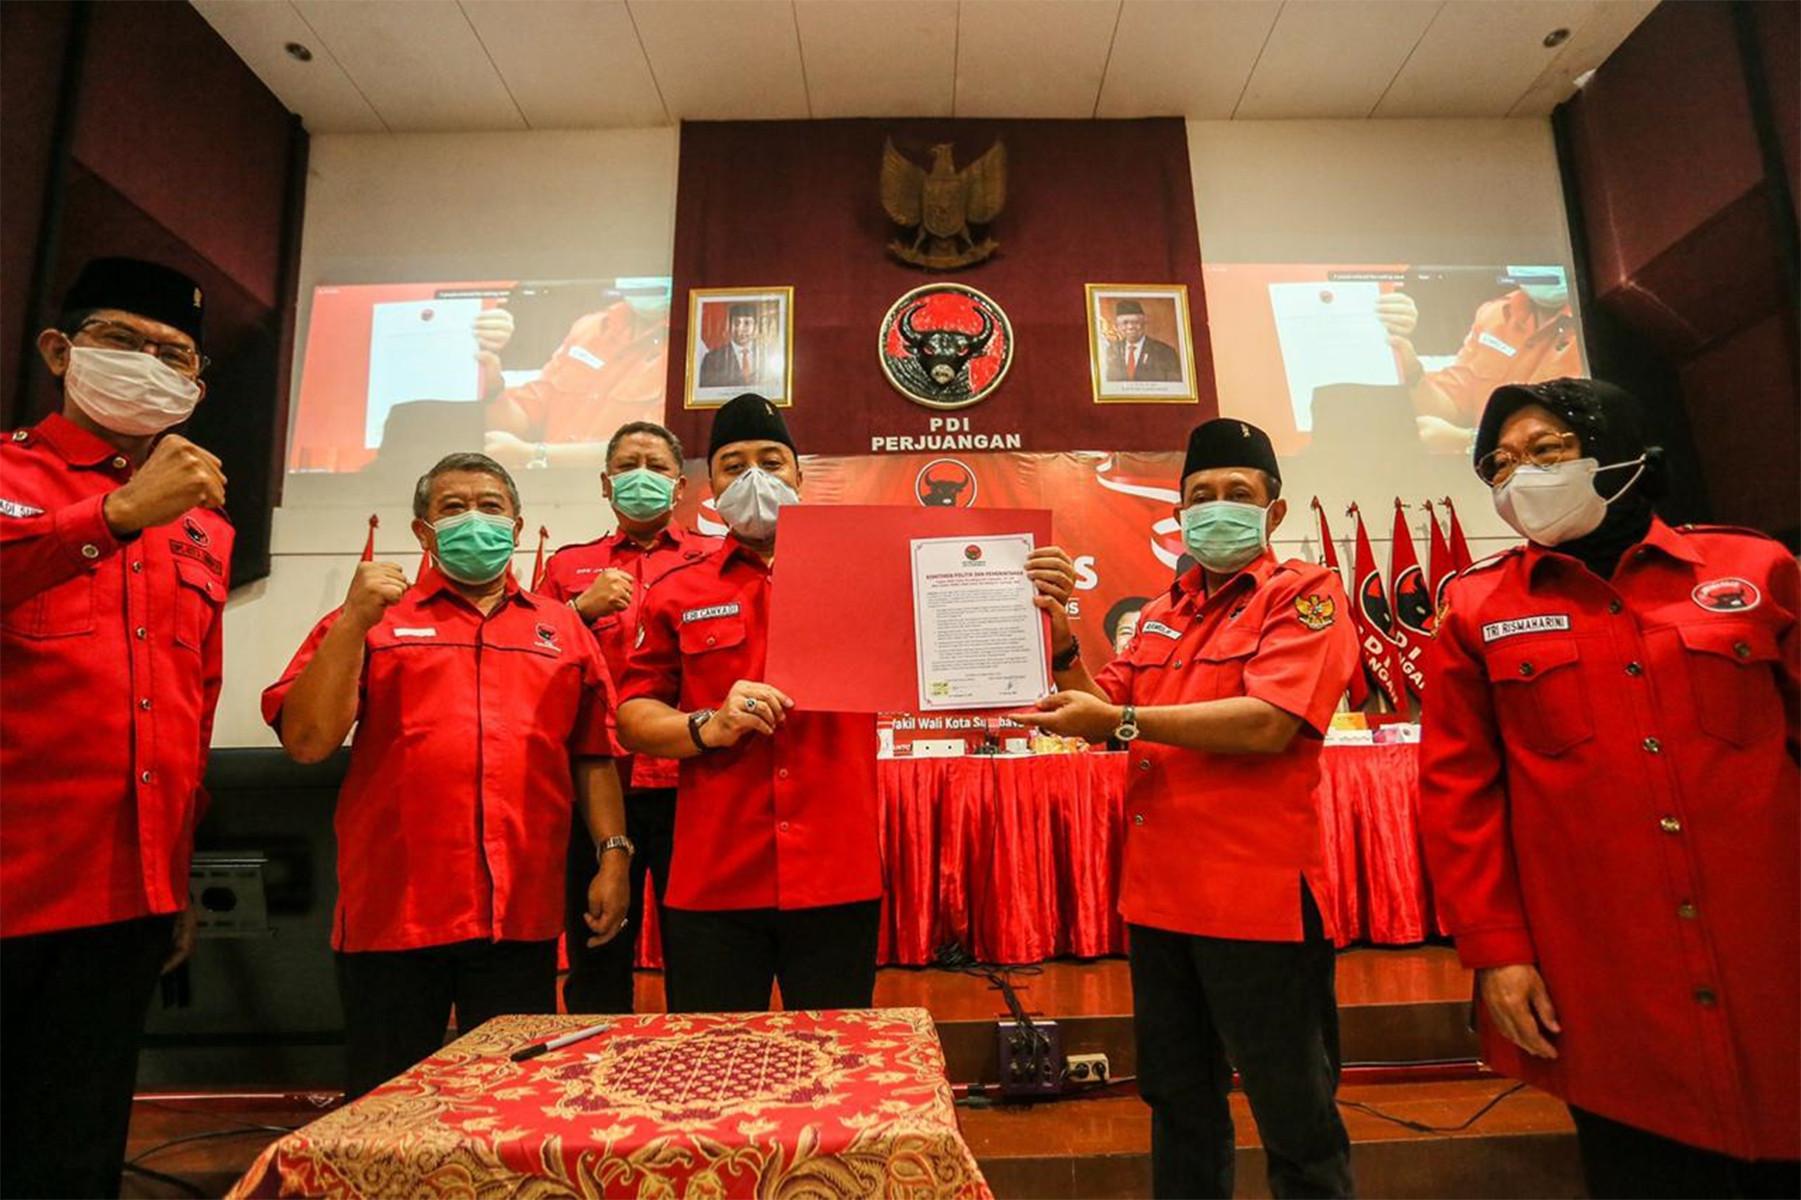 Eri Cahyadi dan Armuji Teken Komitmen Politik, Salah Satu Isinya soal Program Wong Cilik Bu Risma - JPNN.com